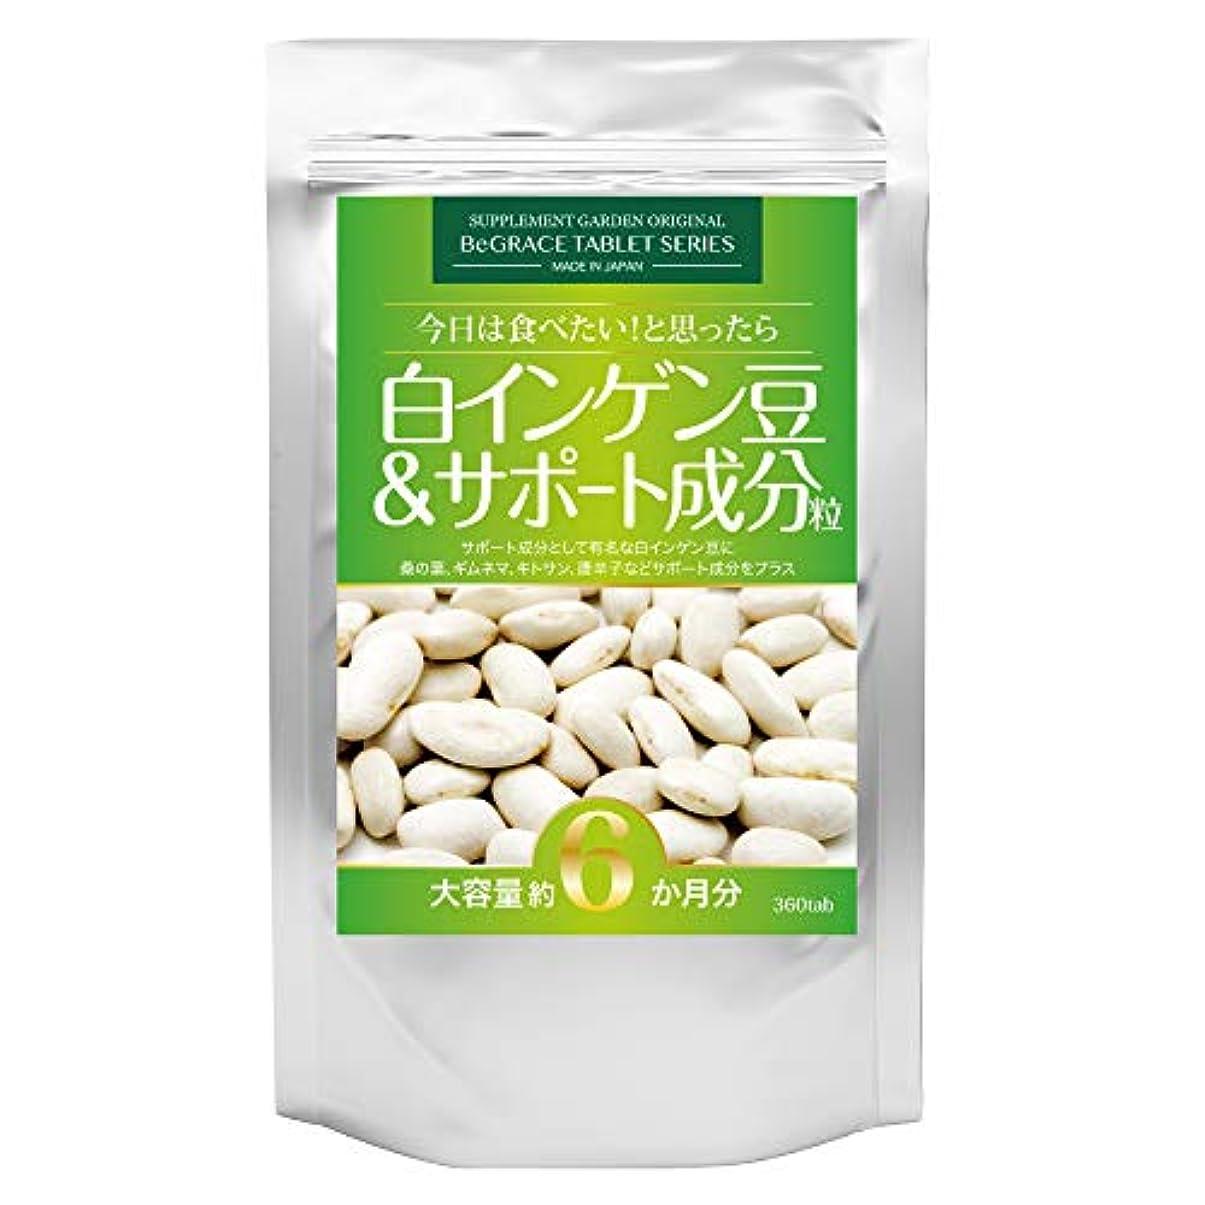 階層細菌ブローホール白インゲン豆&サポート成分粒 大容量約6ヶ月分/360粒(白インゲン豆?桑の葉?ギムネマ?キトサン?唐辛子)